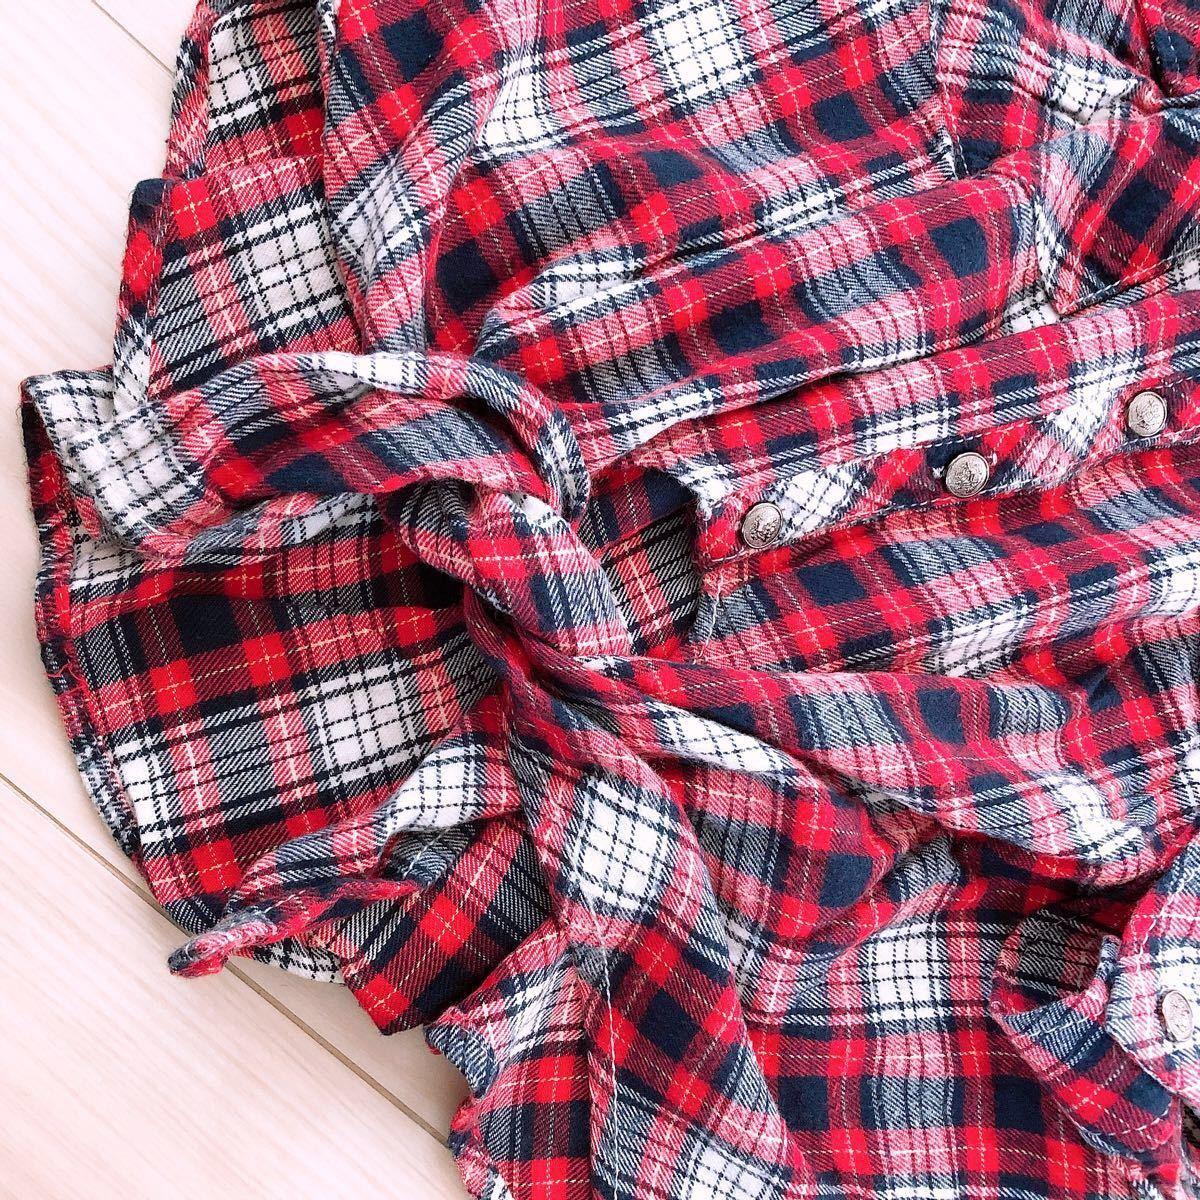 長袖シャツ チェック柄 チェックシャツ 赤 前しばり スタッズ 秋